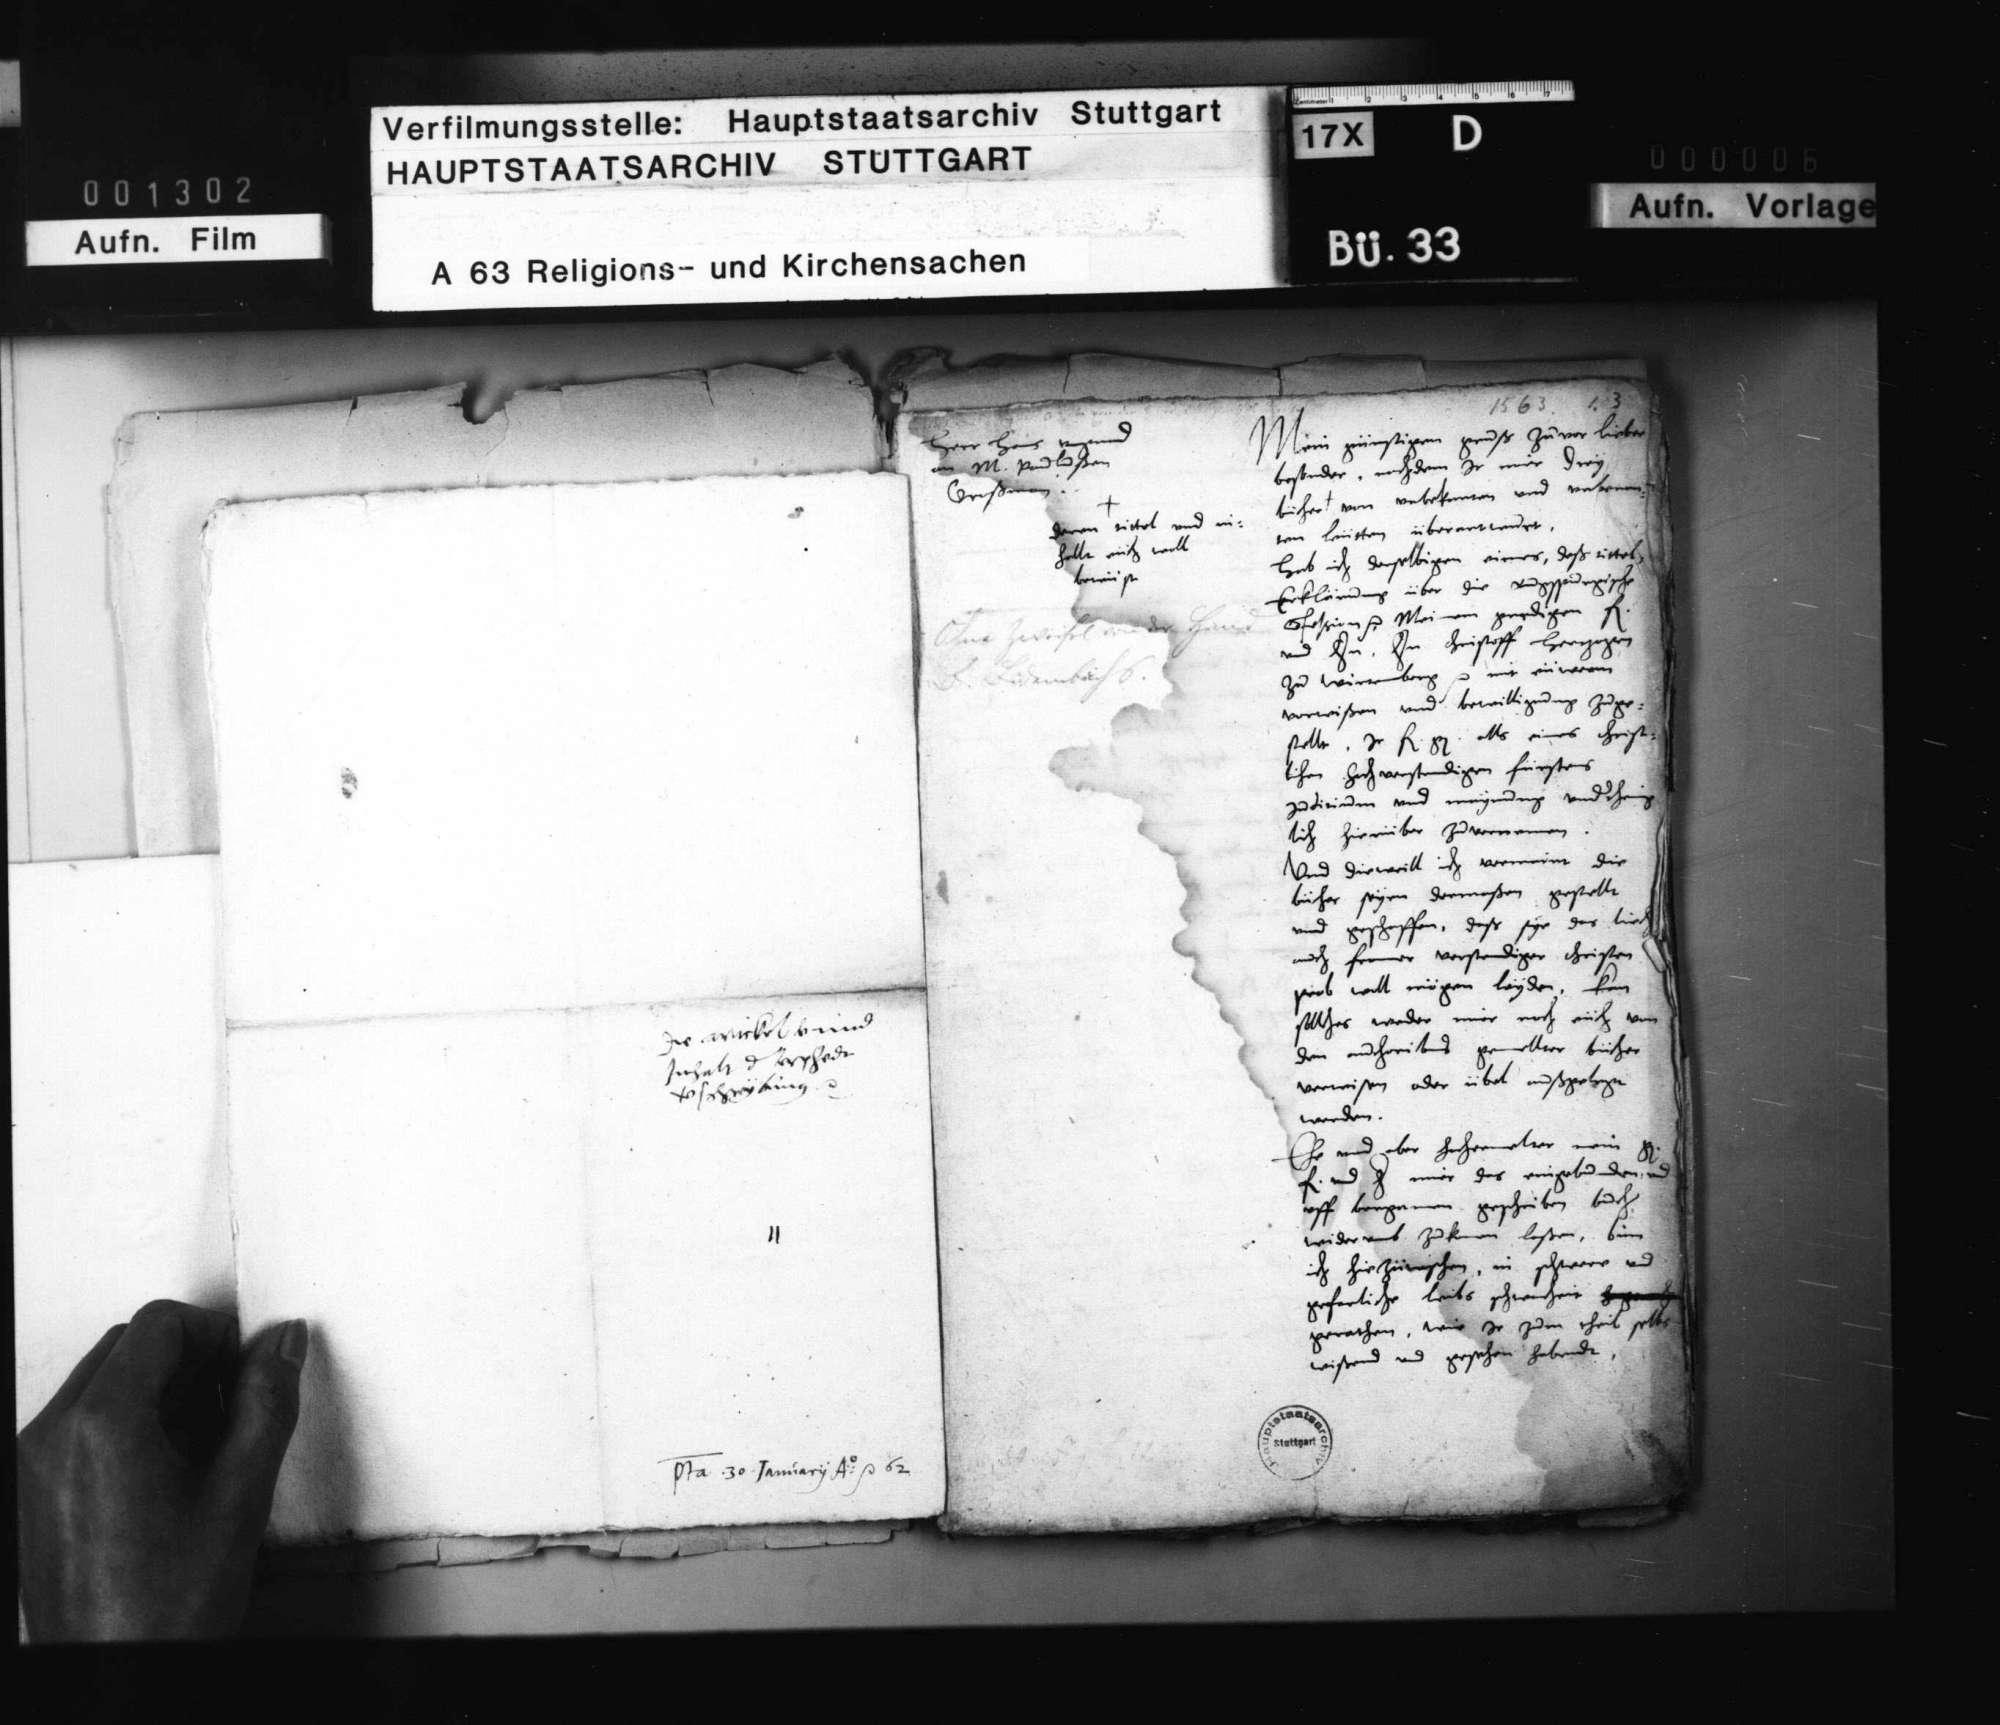 Reskripte Herzog Christophs an Jakob Andreä, ohne besondere Bedeutung und nach ihrem Inhalt auch in keinen der üblichen Faszikel einzureihen., Bild 3